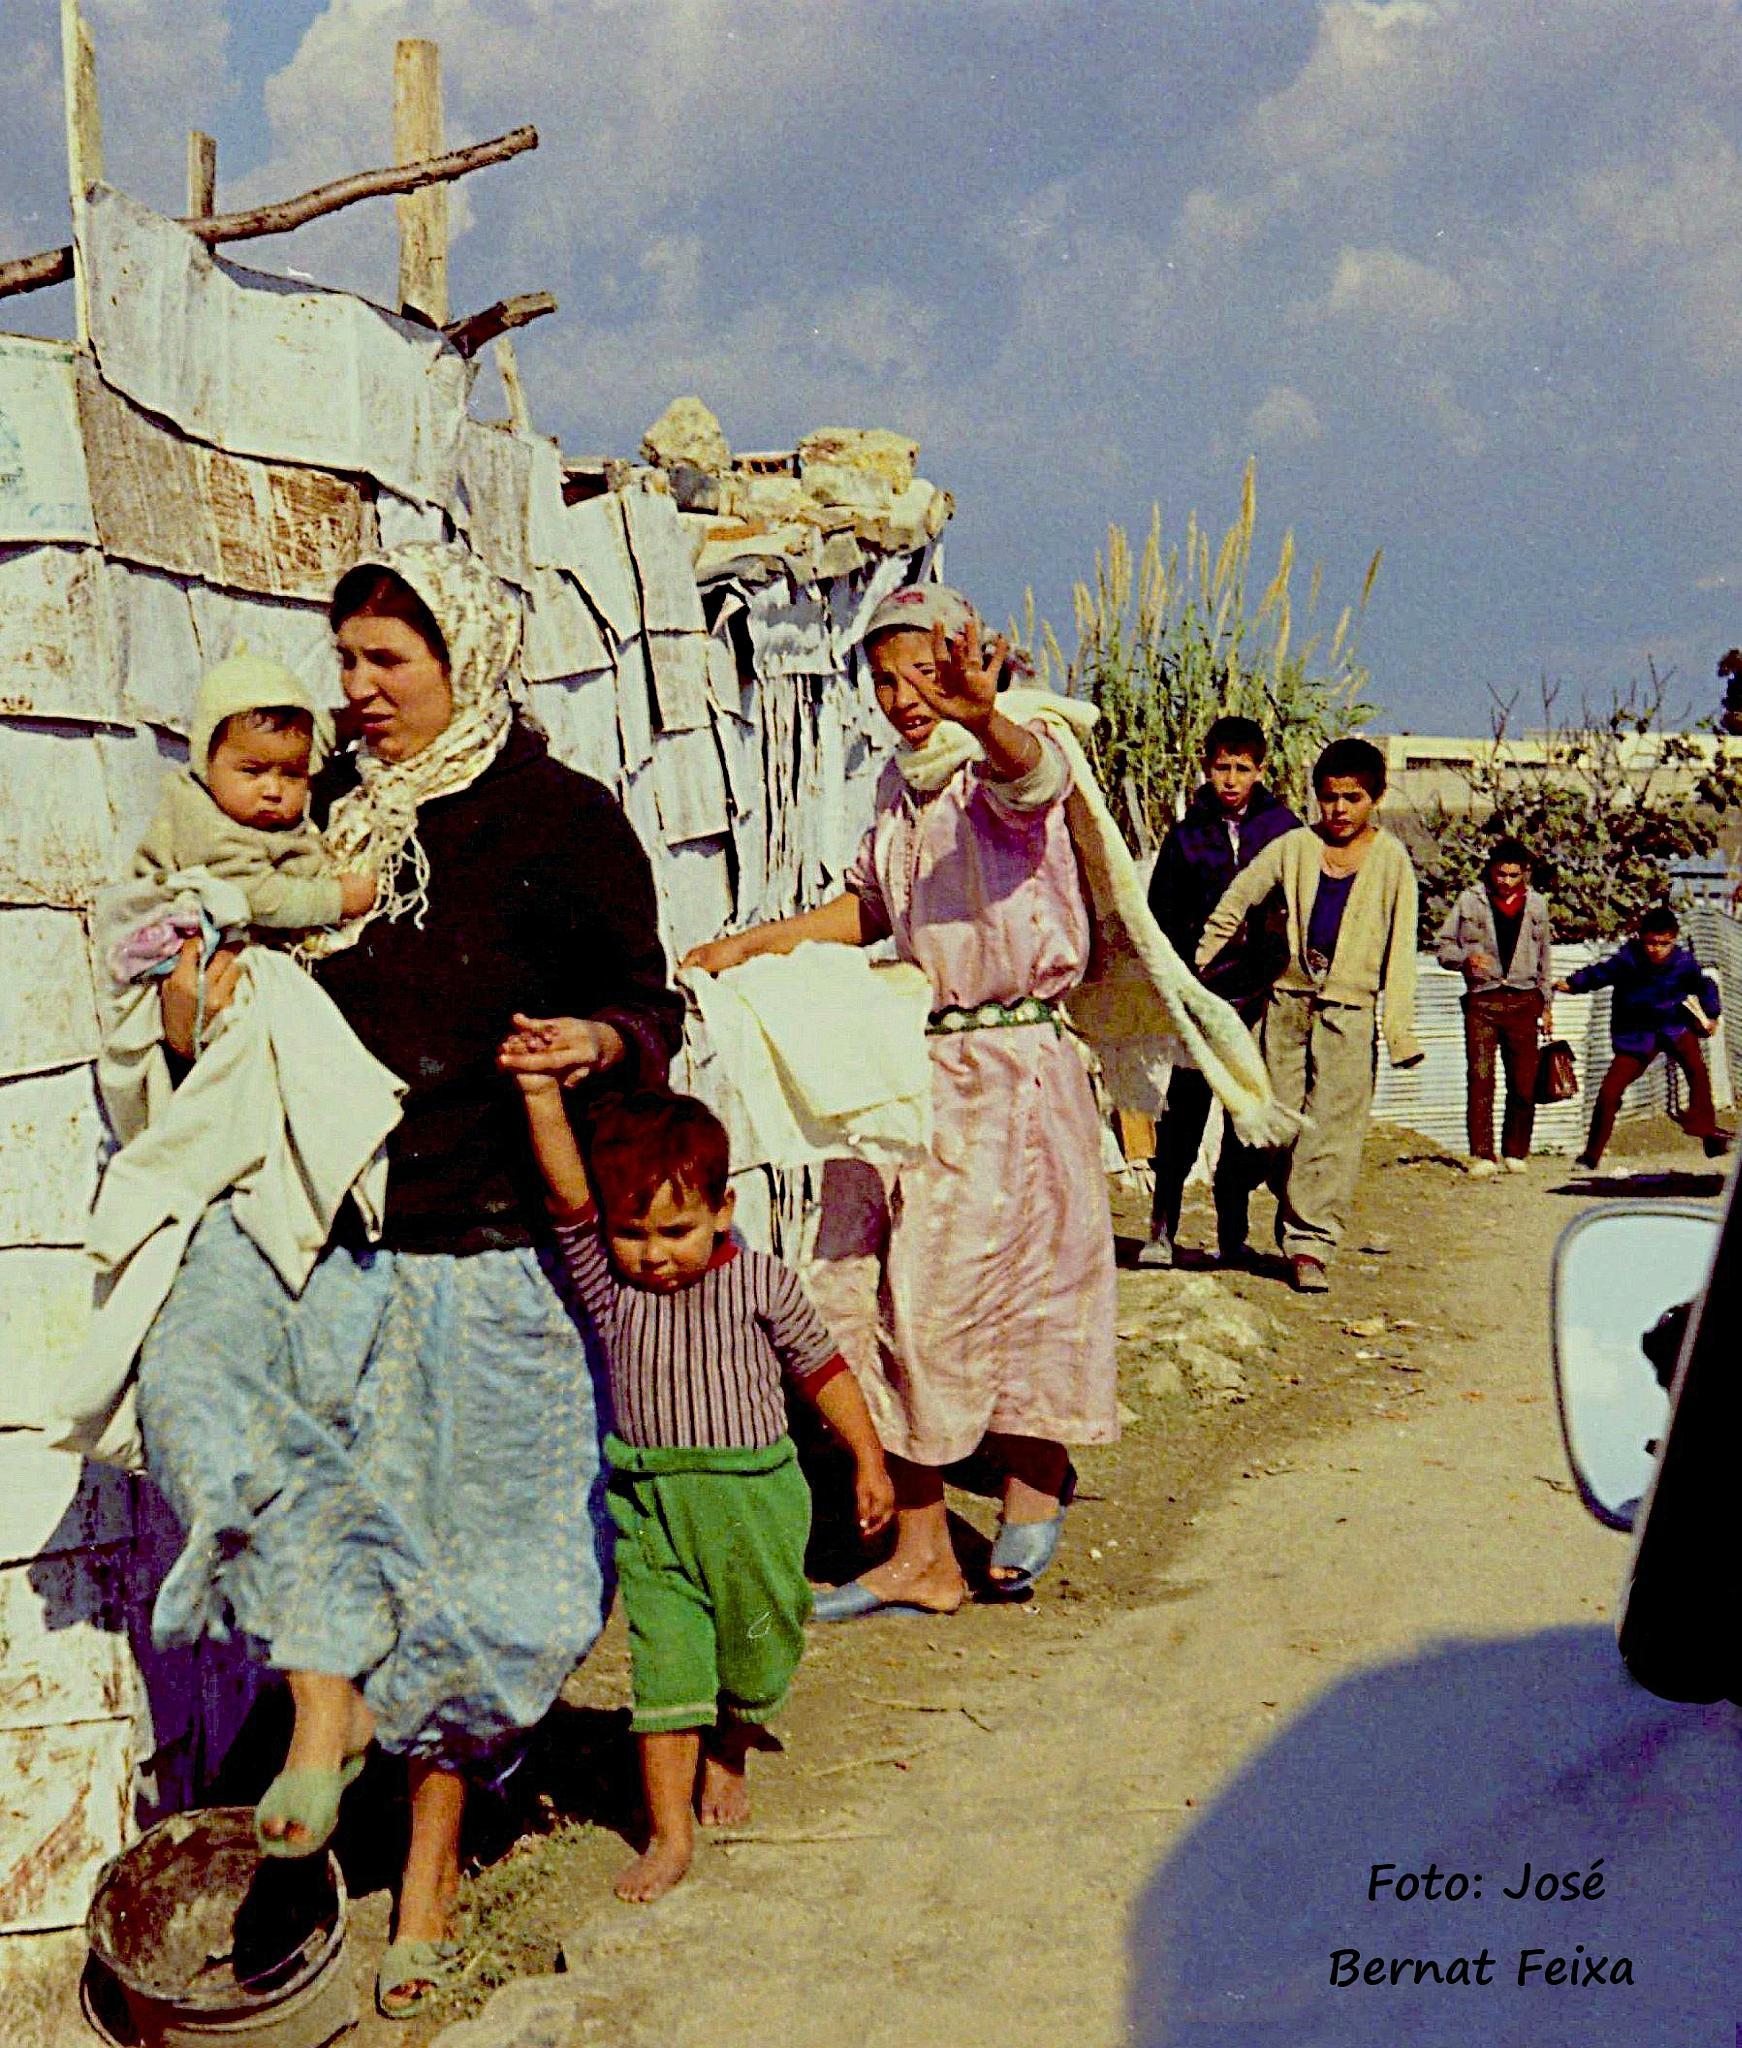 GENTE, MENSEN, PEOPLE,Tanger (1971)  by José Bernat Feixa